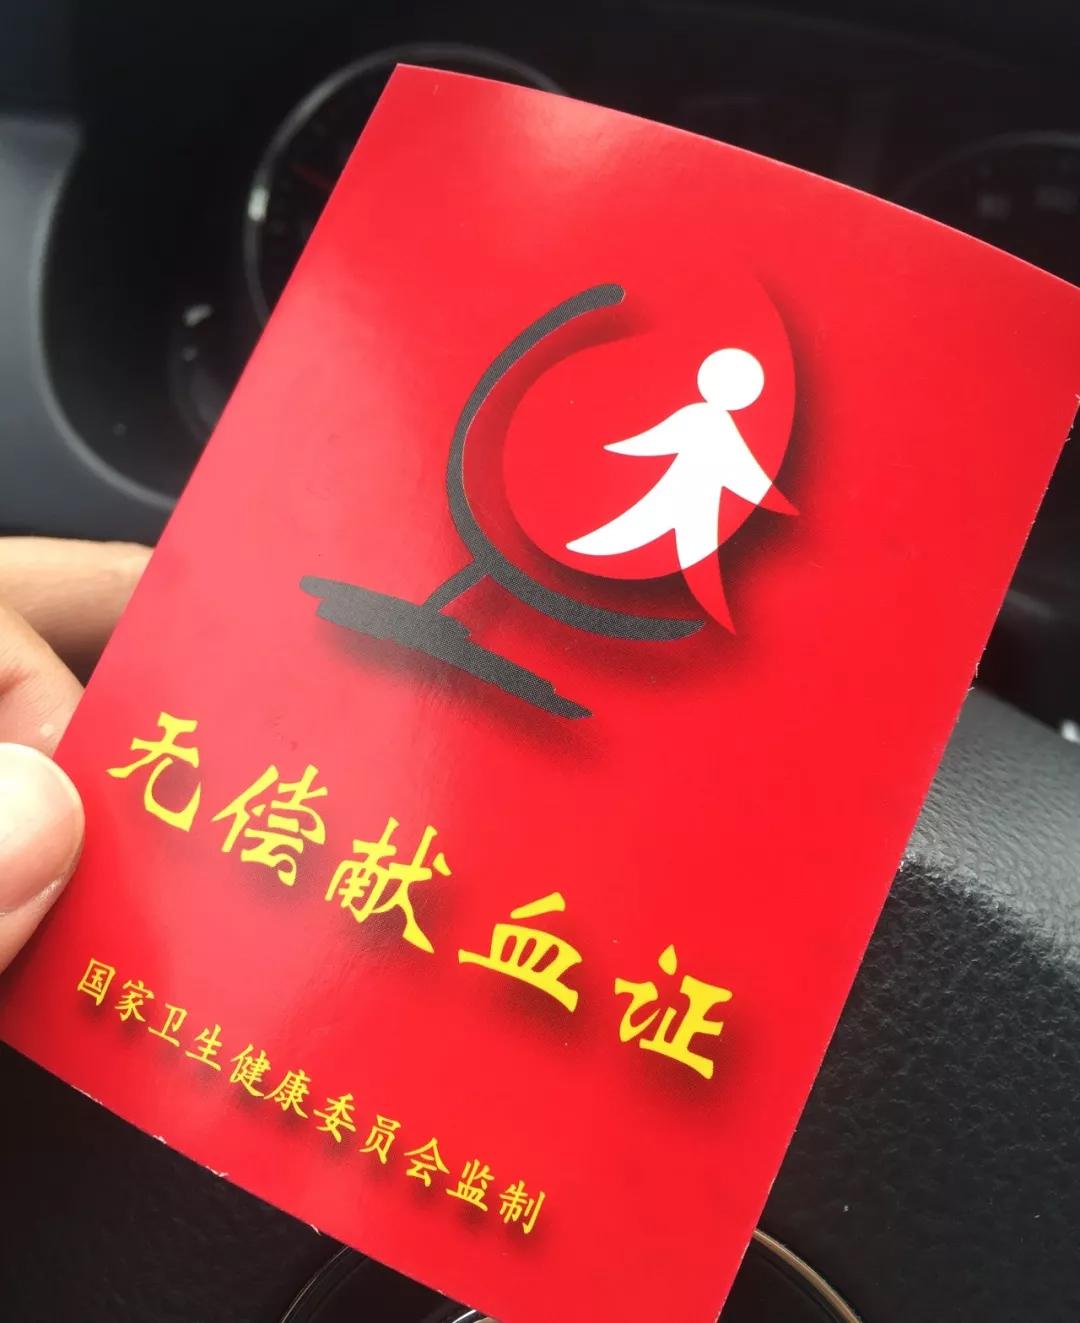 无偿献血证